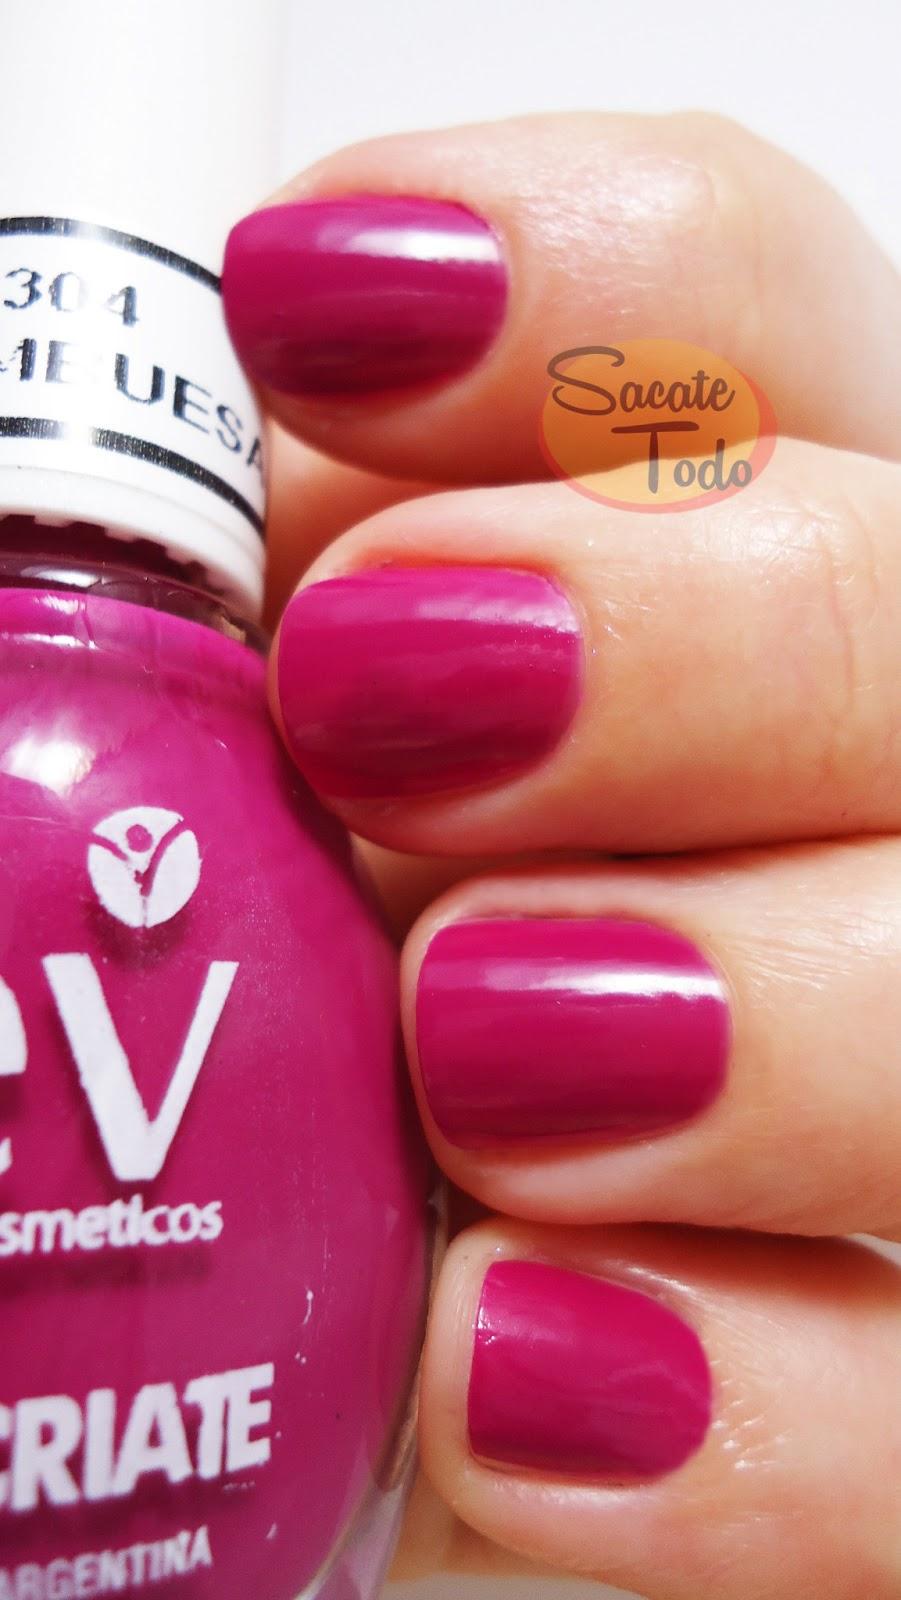 Sacate todo: Marcas argentinas: Esencia Vital (E+V)